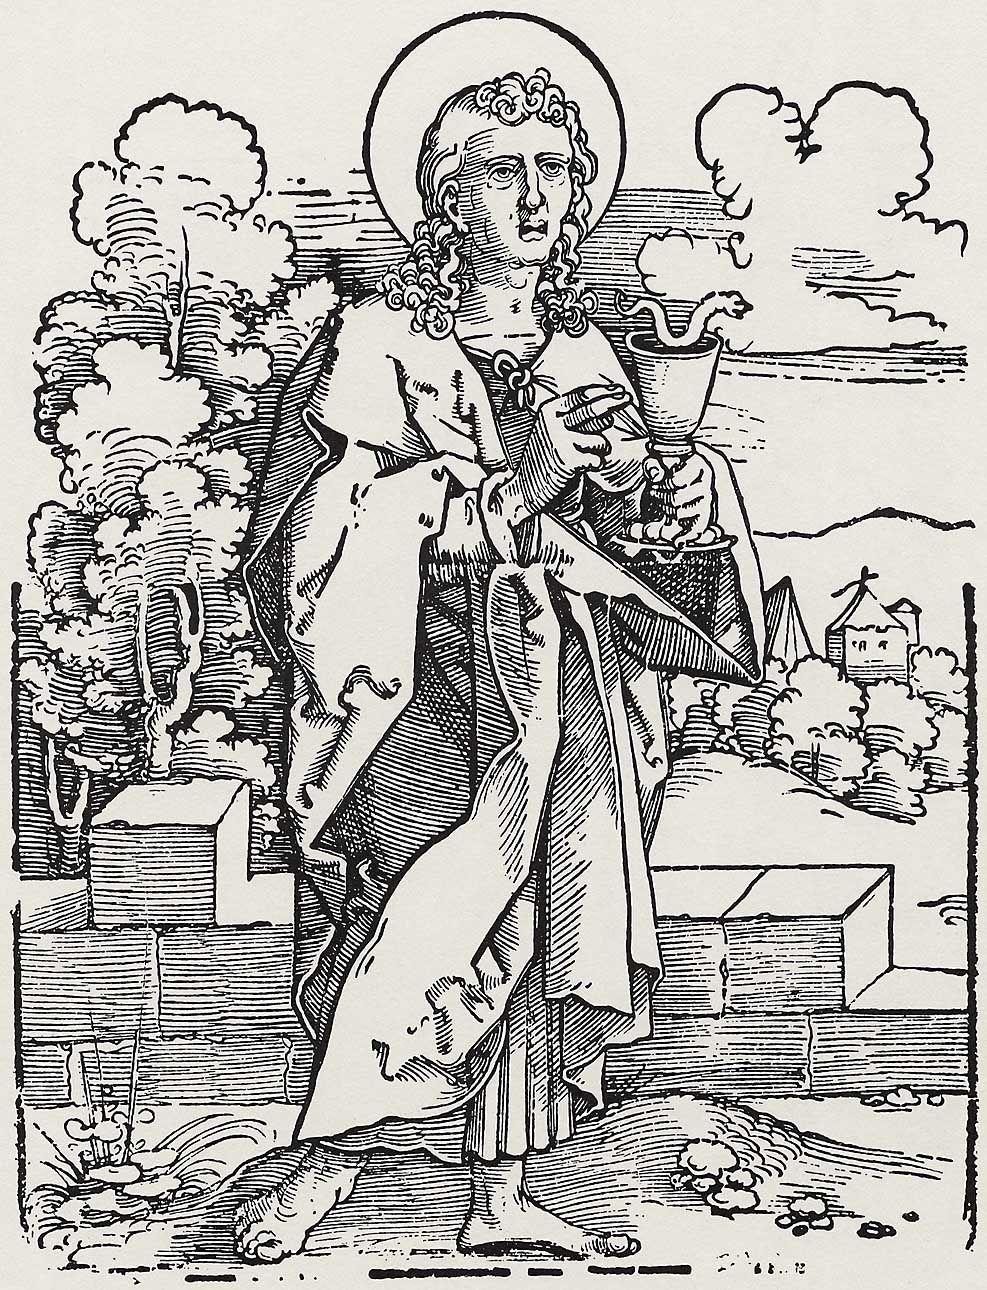 Beham, Hans Sebald: »Die Zwölf Apostel und Christus als Salvator mundi«, Hl. Johannes c.1530